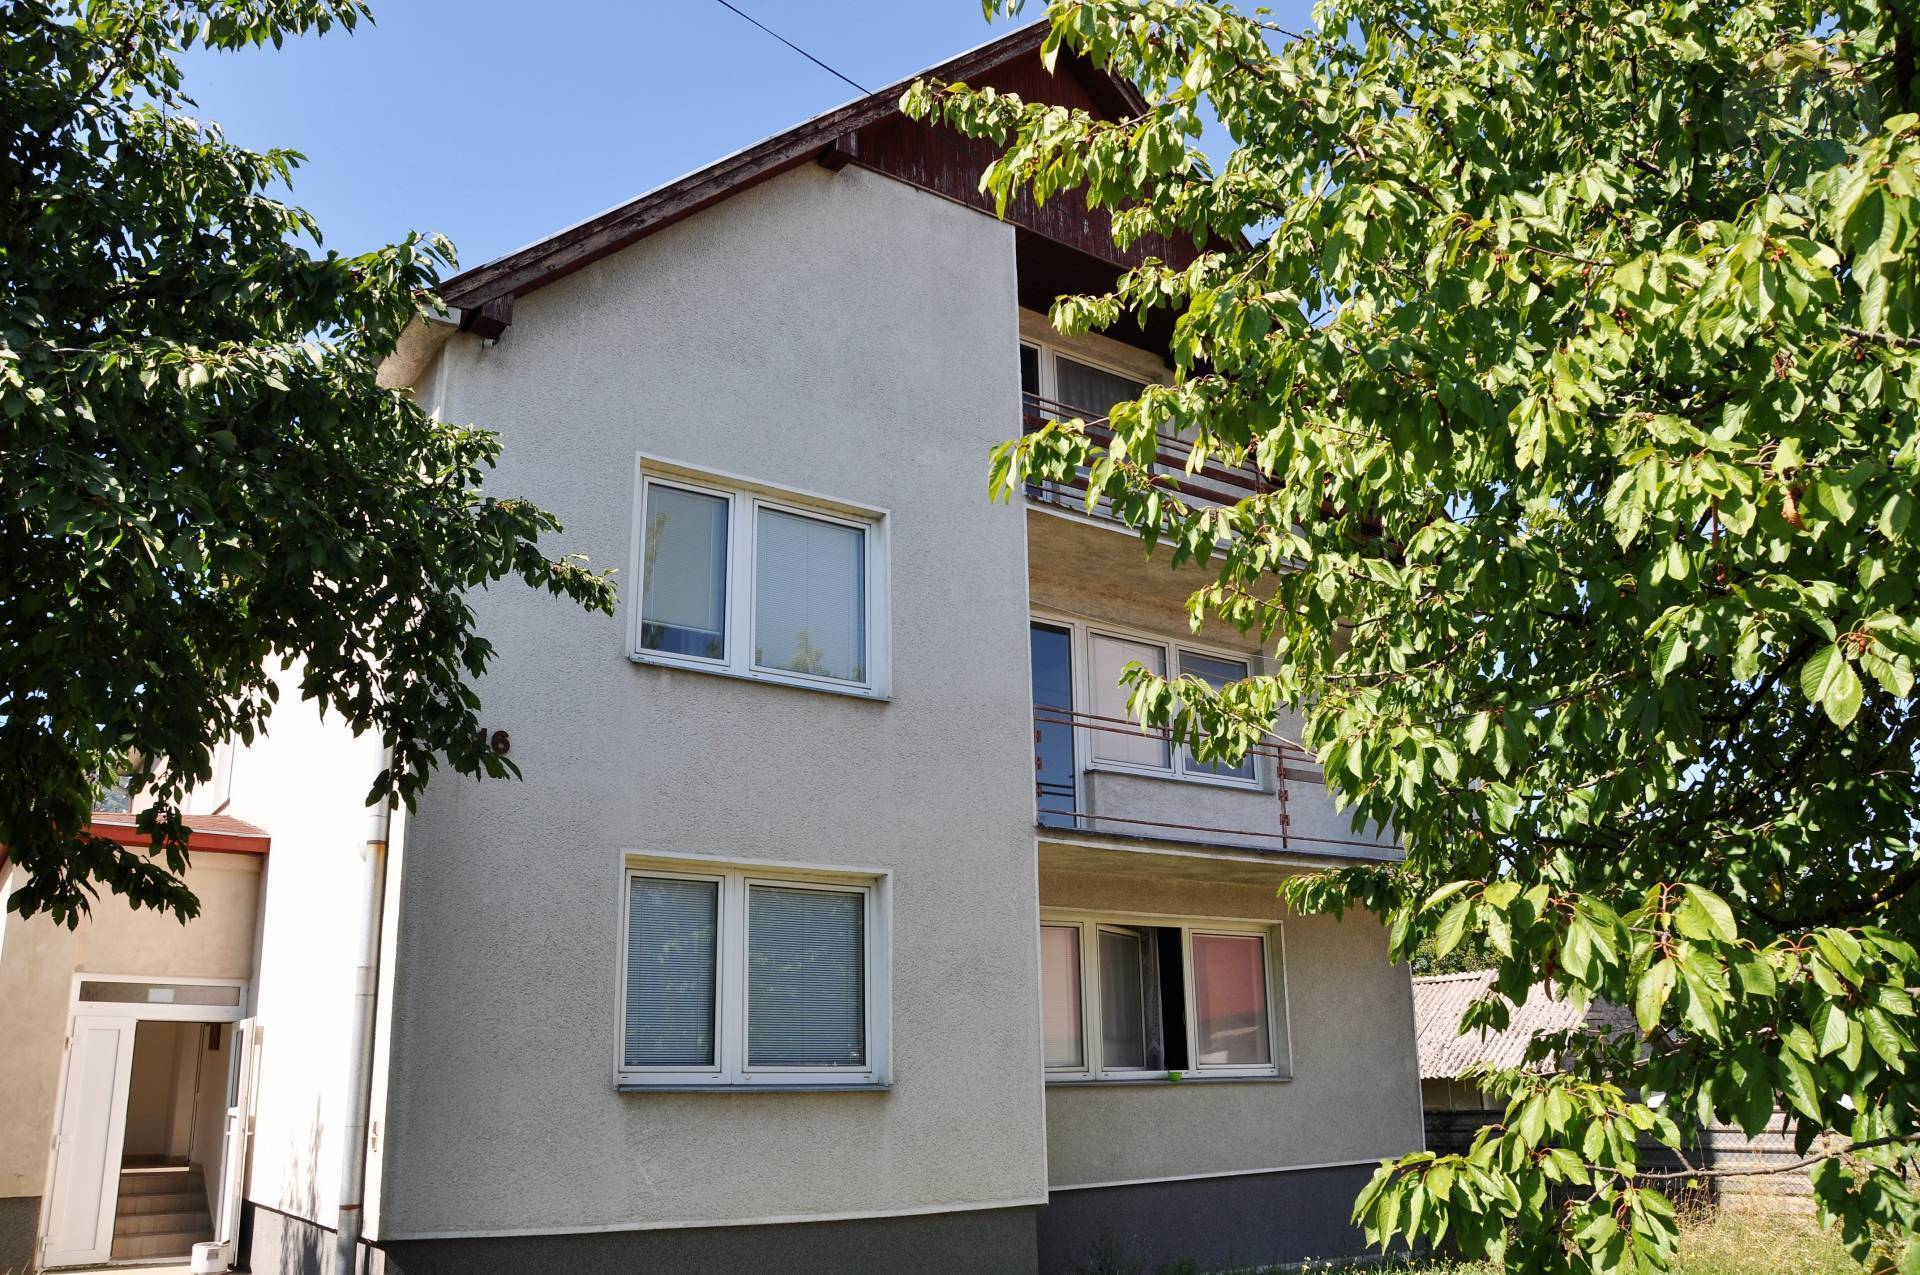 Predaj dom, využívaný ako ubytovňa v obci Žirany.